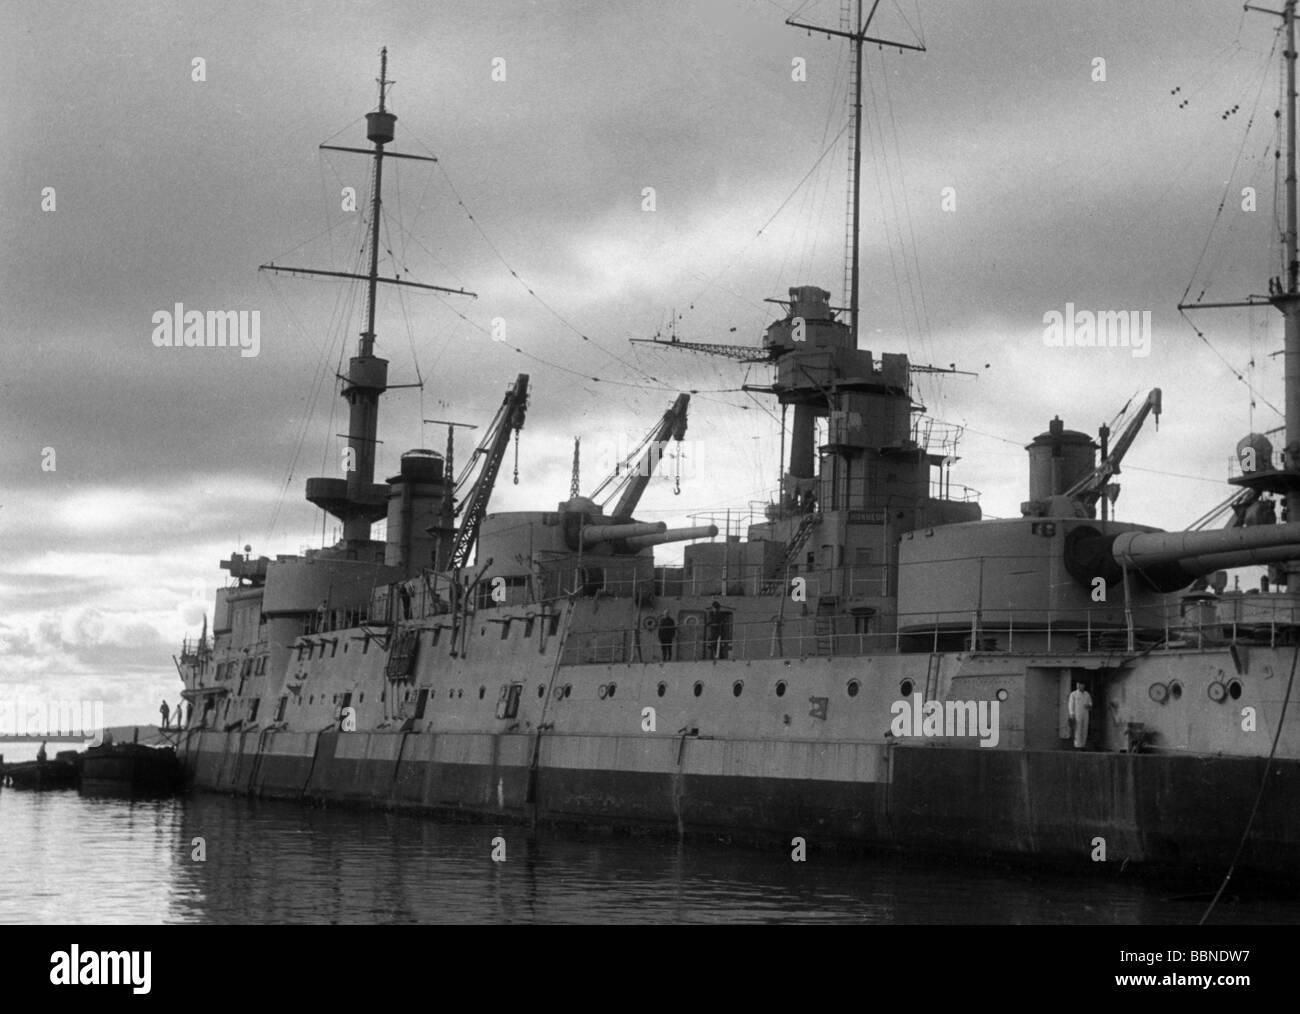 Veranstaltungen, Zweiten Weltkrieg/WWII, Frankreich, Versenkung der französischen Flotte in Toulon, 27.11.1942, Stockbild